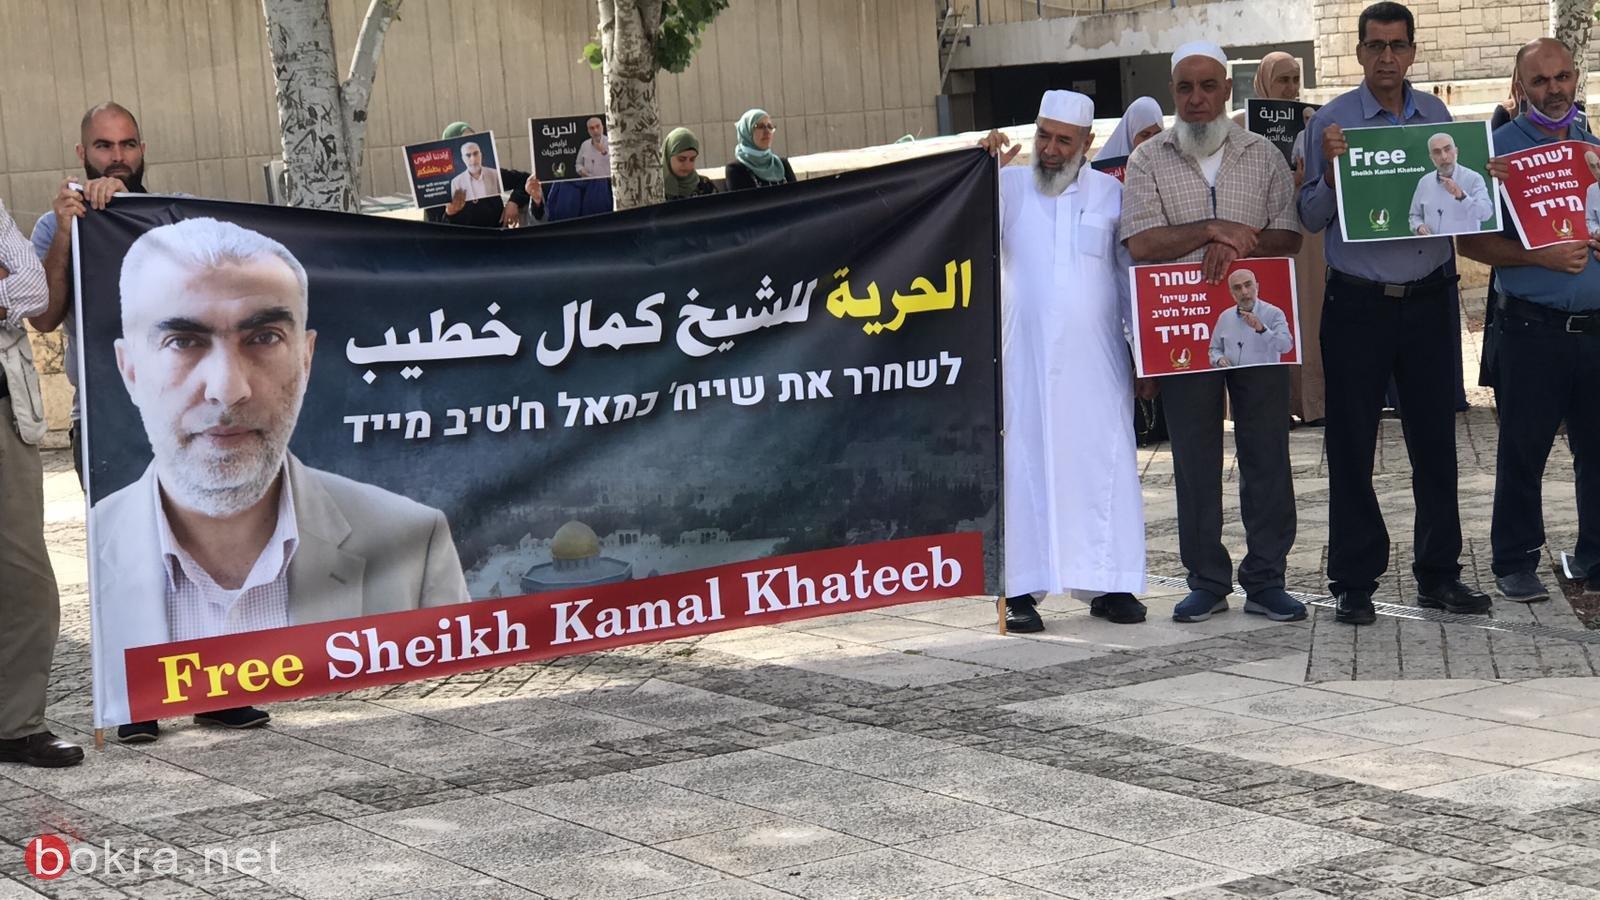 العشرات يتظاهرون امام محكمة الصلح والمحكمة تمدد اعتقال الشيخ كمال خطيب بيوم واحد-3